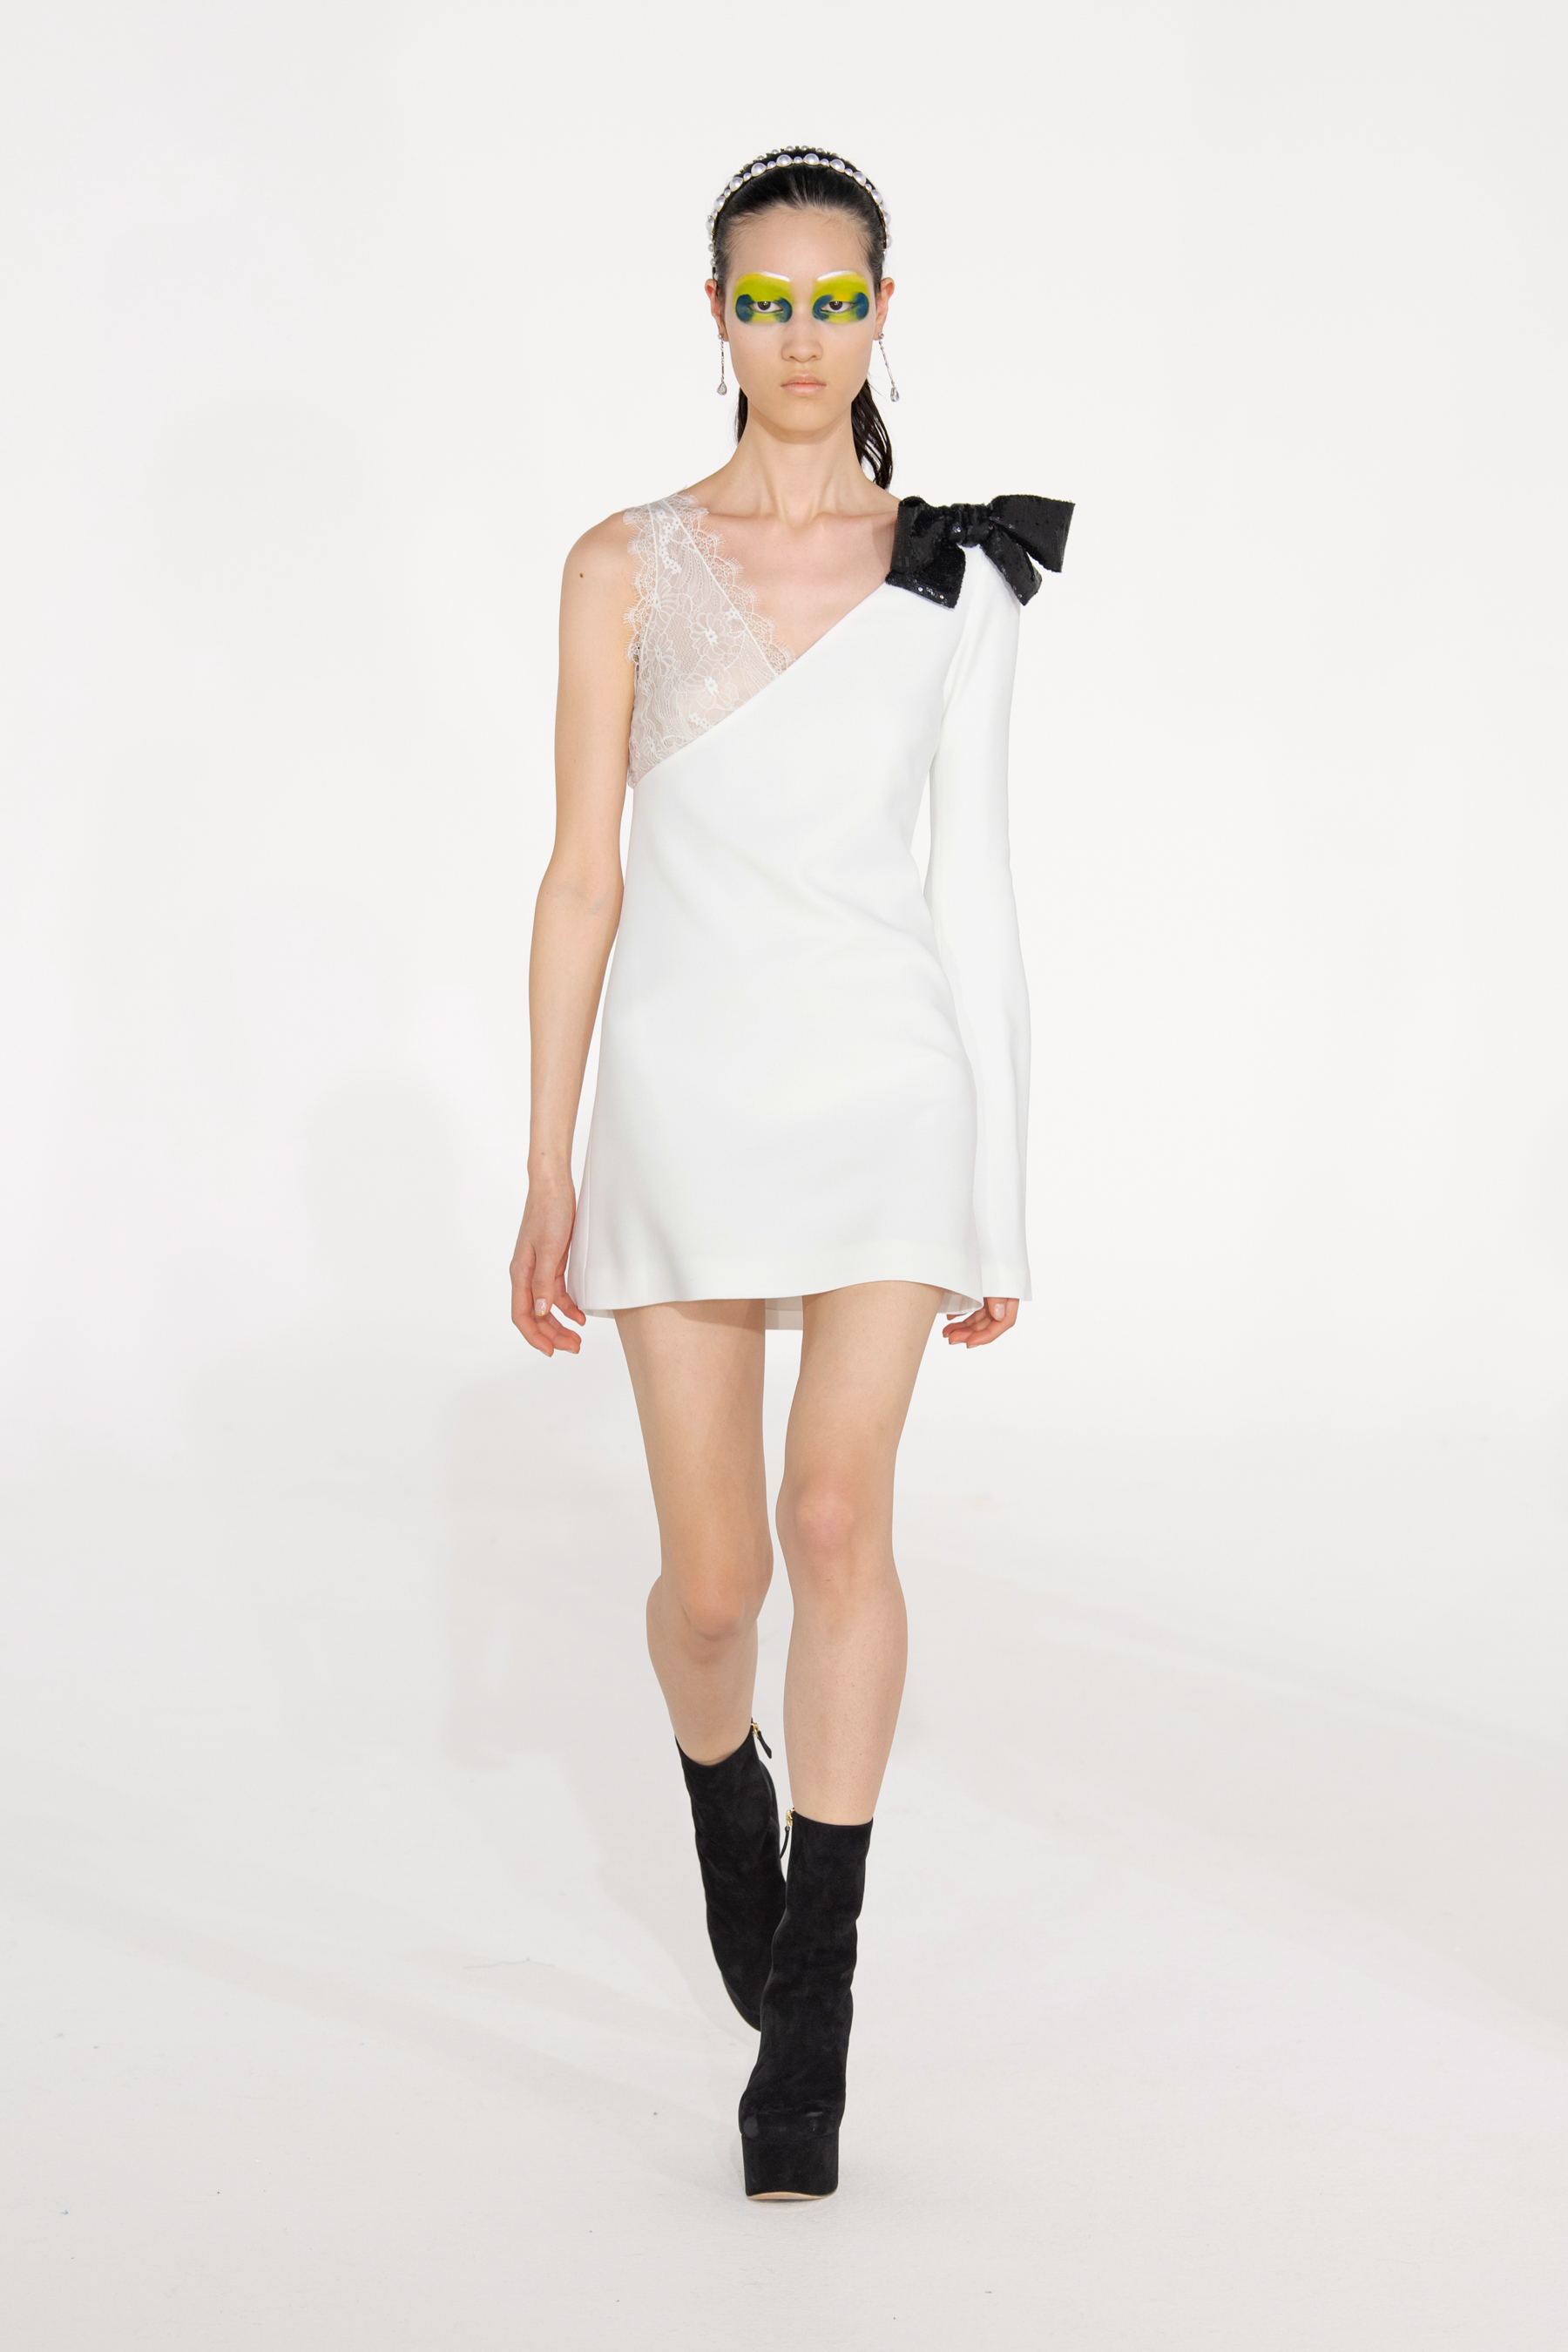 Giambattista Valli Fall 2021 Fashion Show